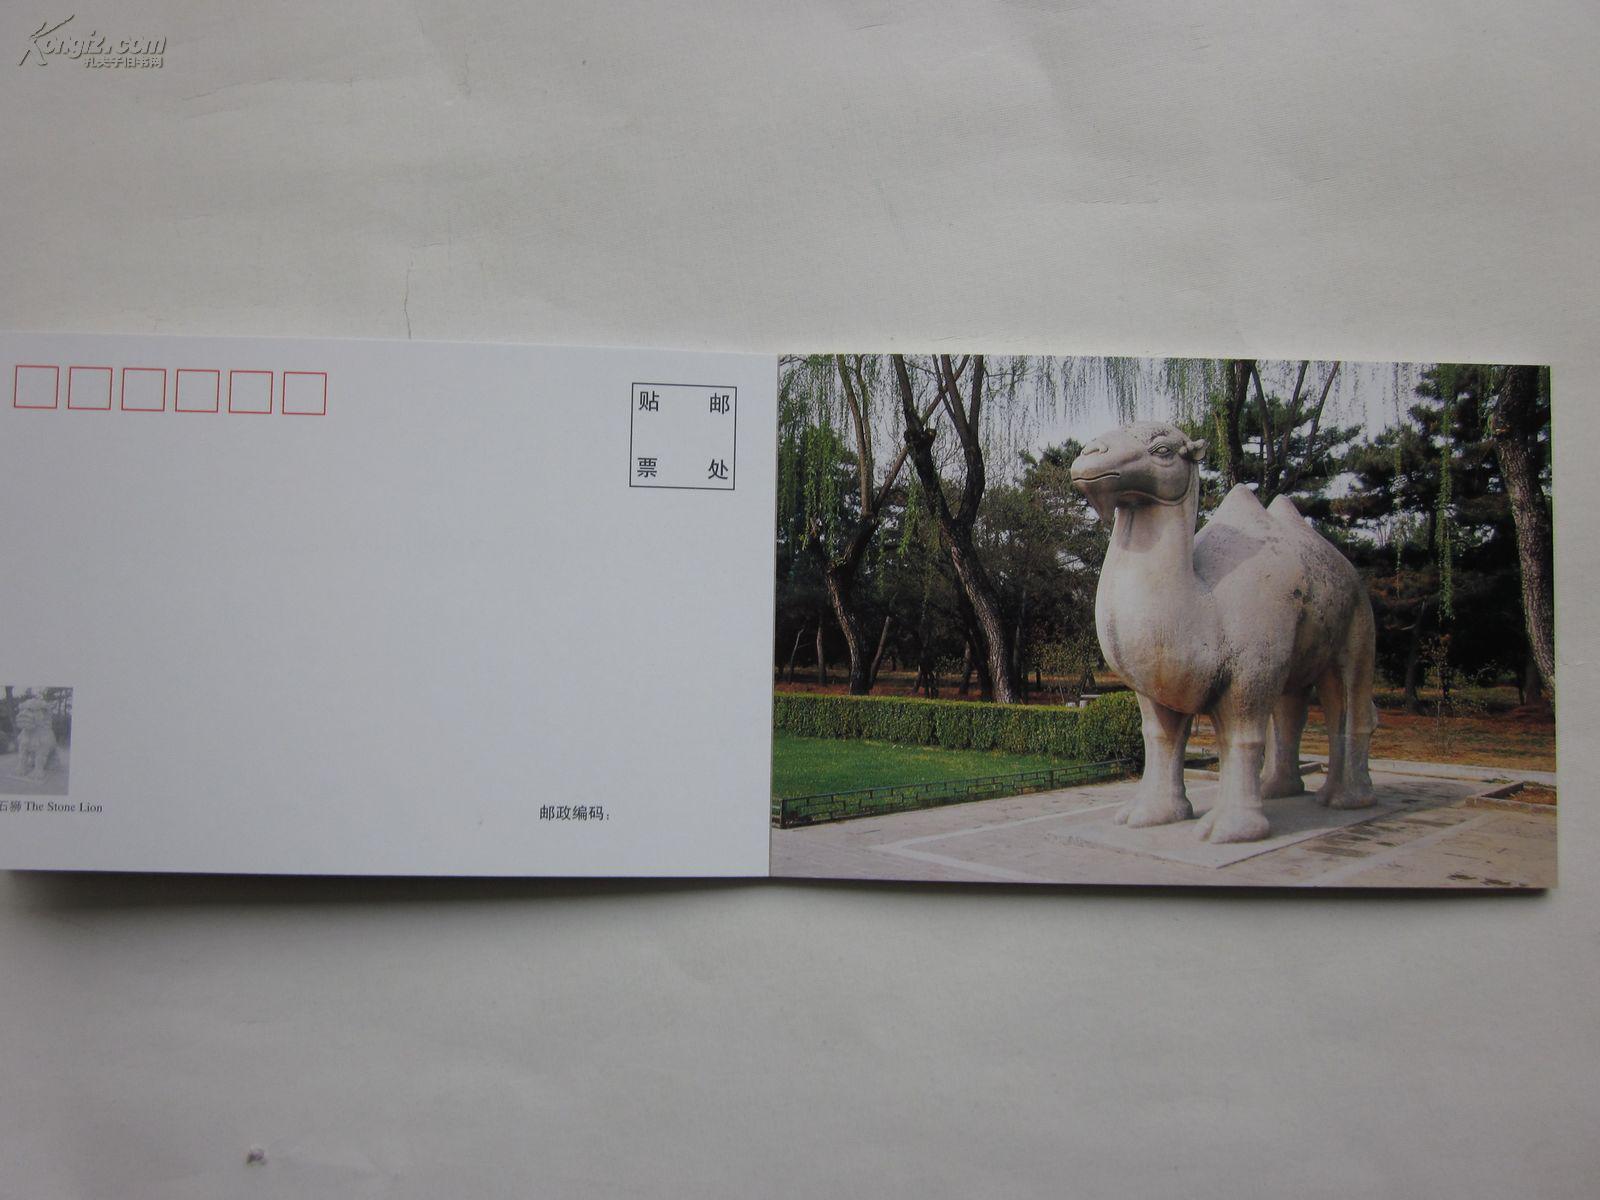 遗产世界图集-----明十三陵明信片轻钢文化别墅结构图片